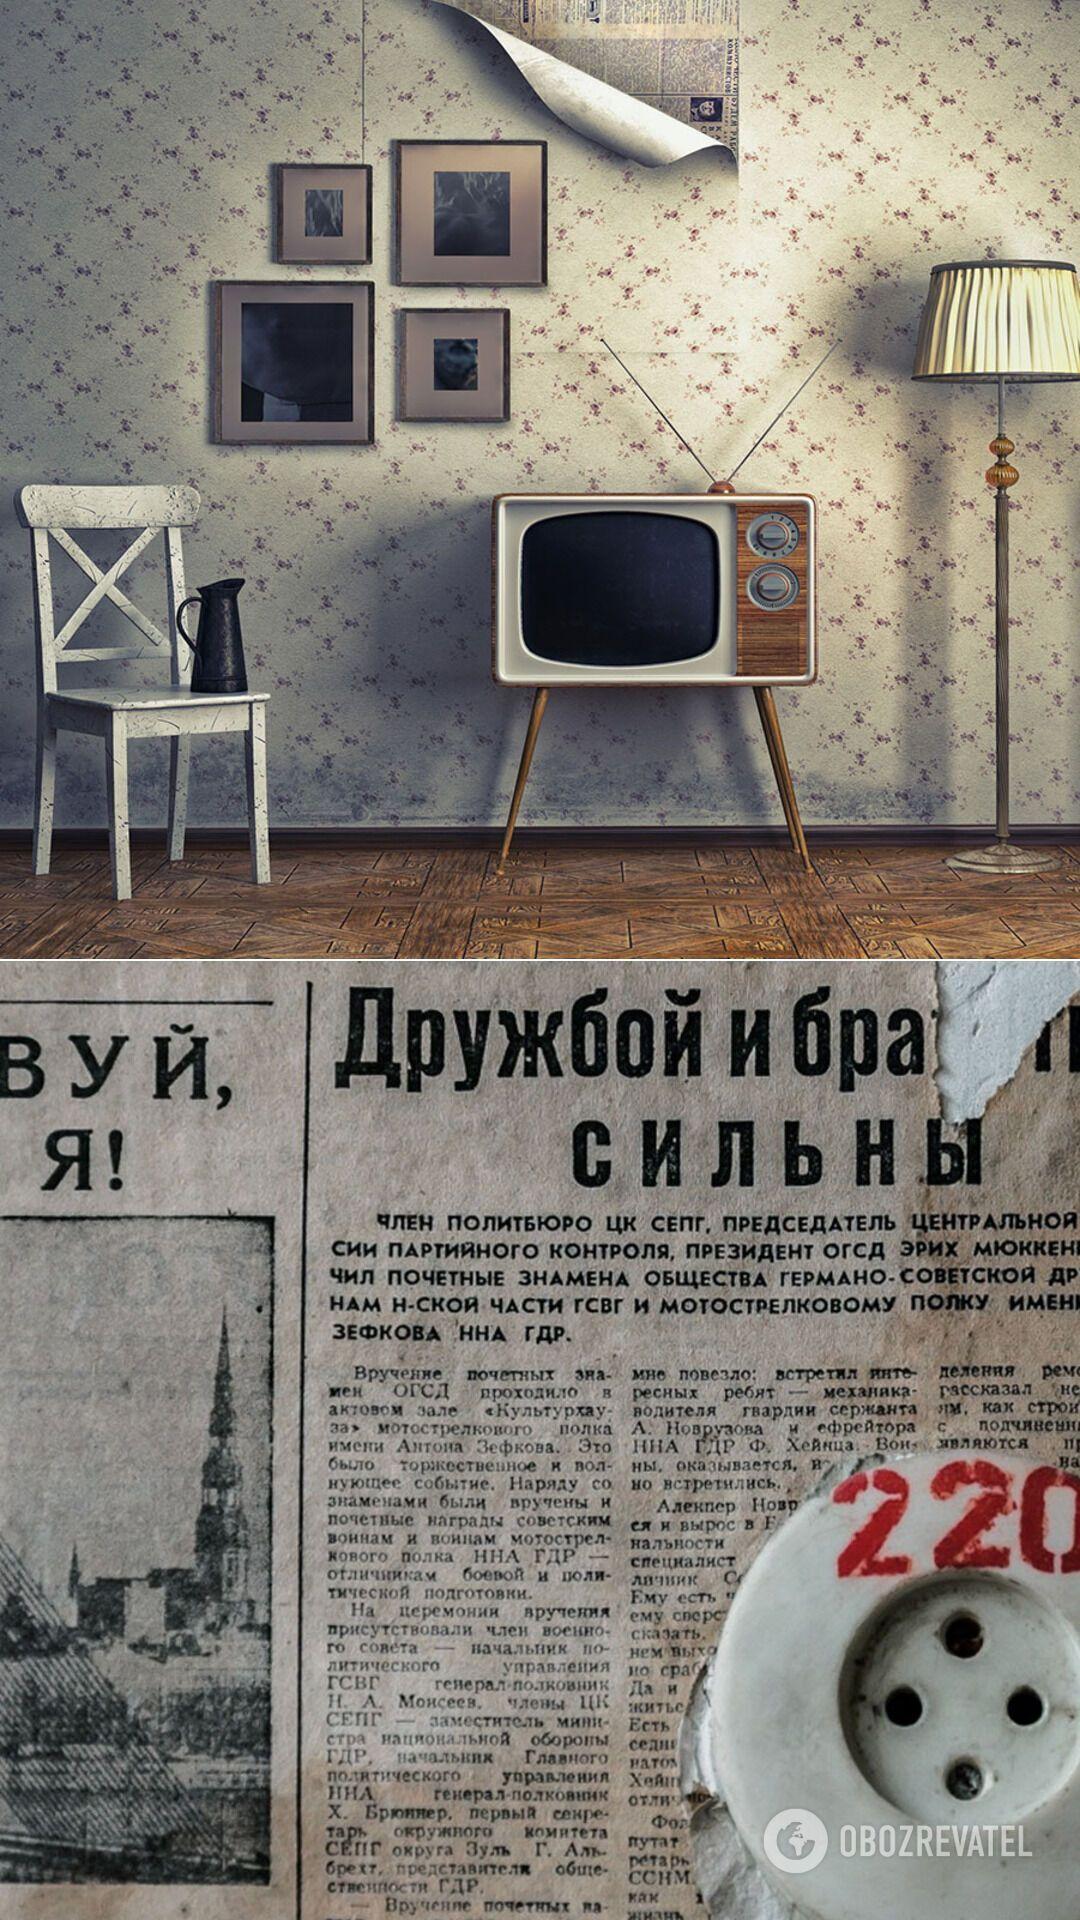 В СССР обои клеили на черновую штукатурку и, чтобы они не отваливались, обрабатывали стены слоем из газет